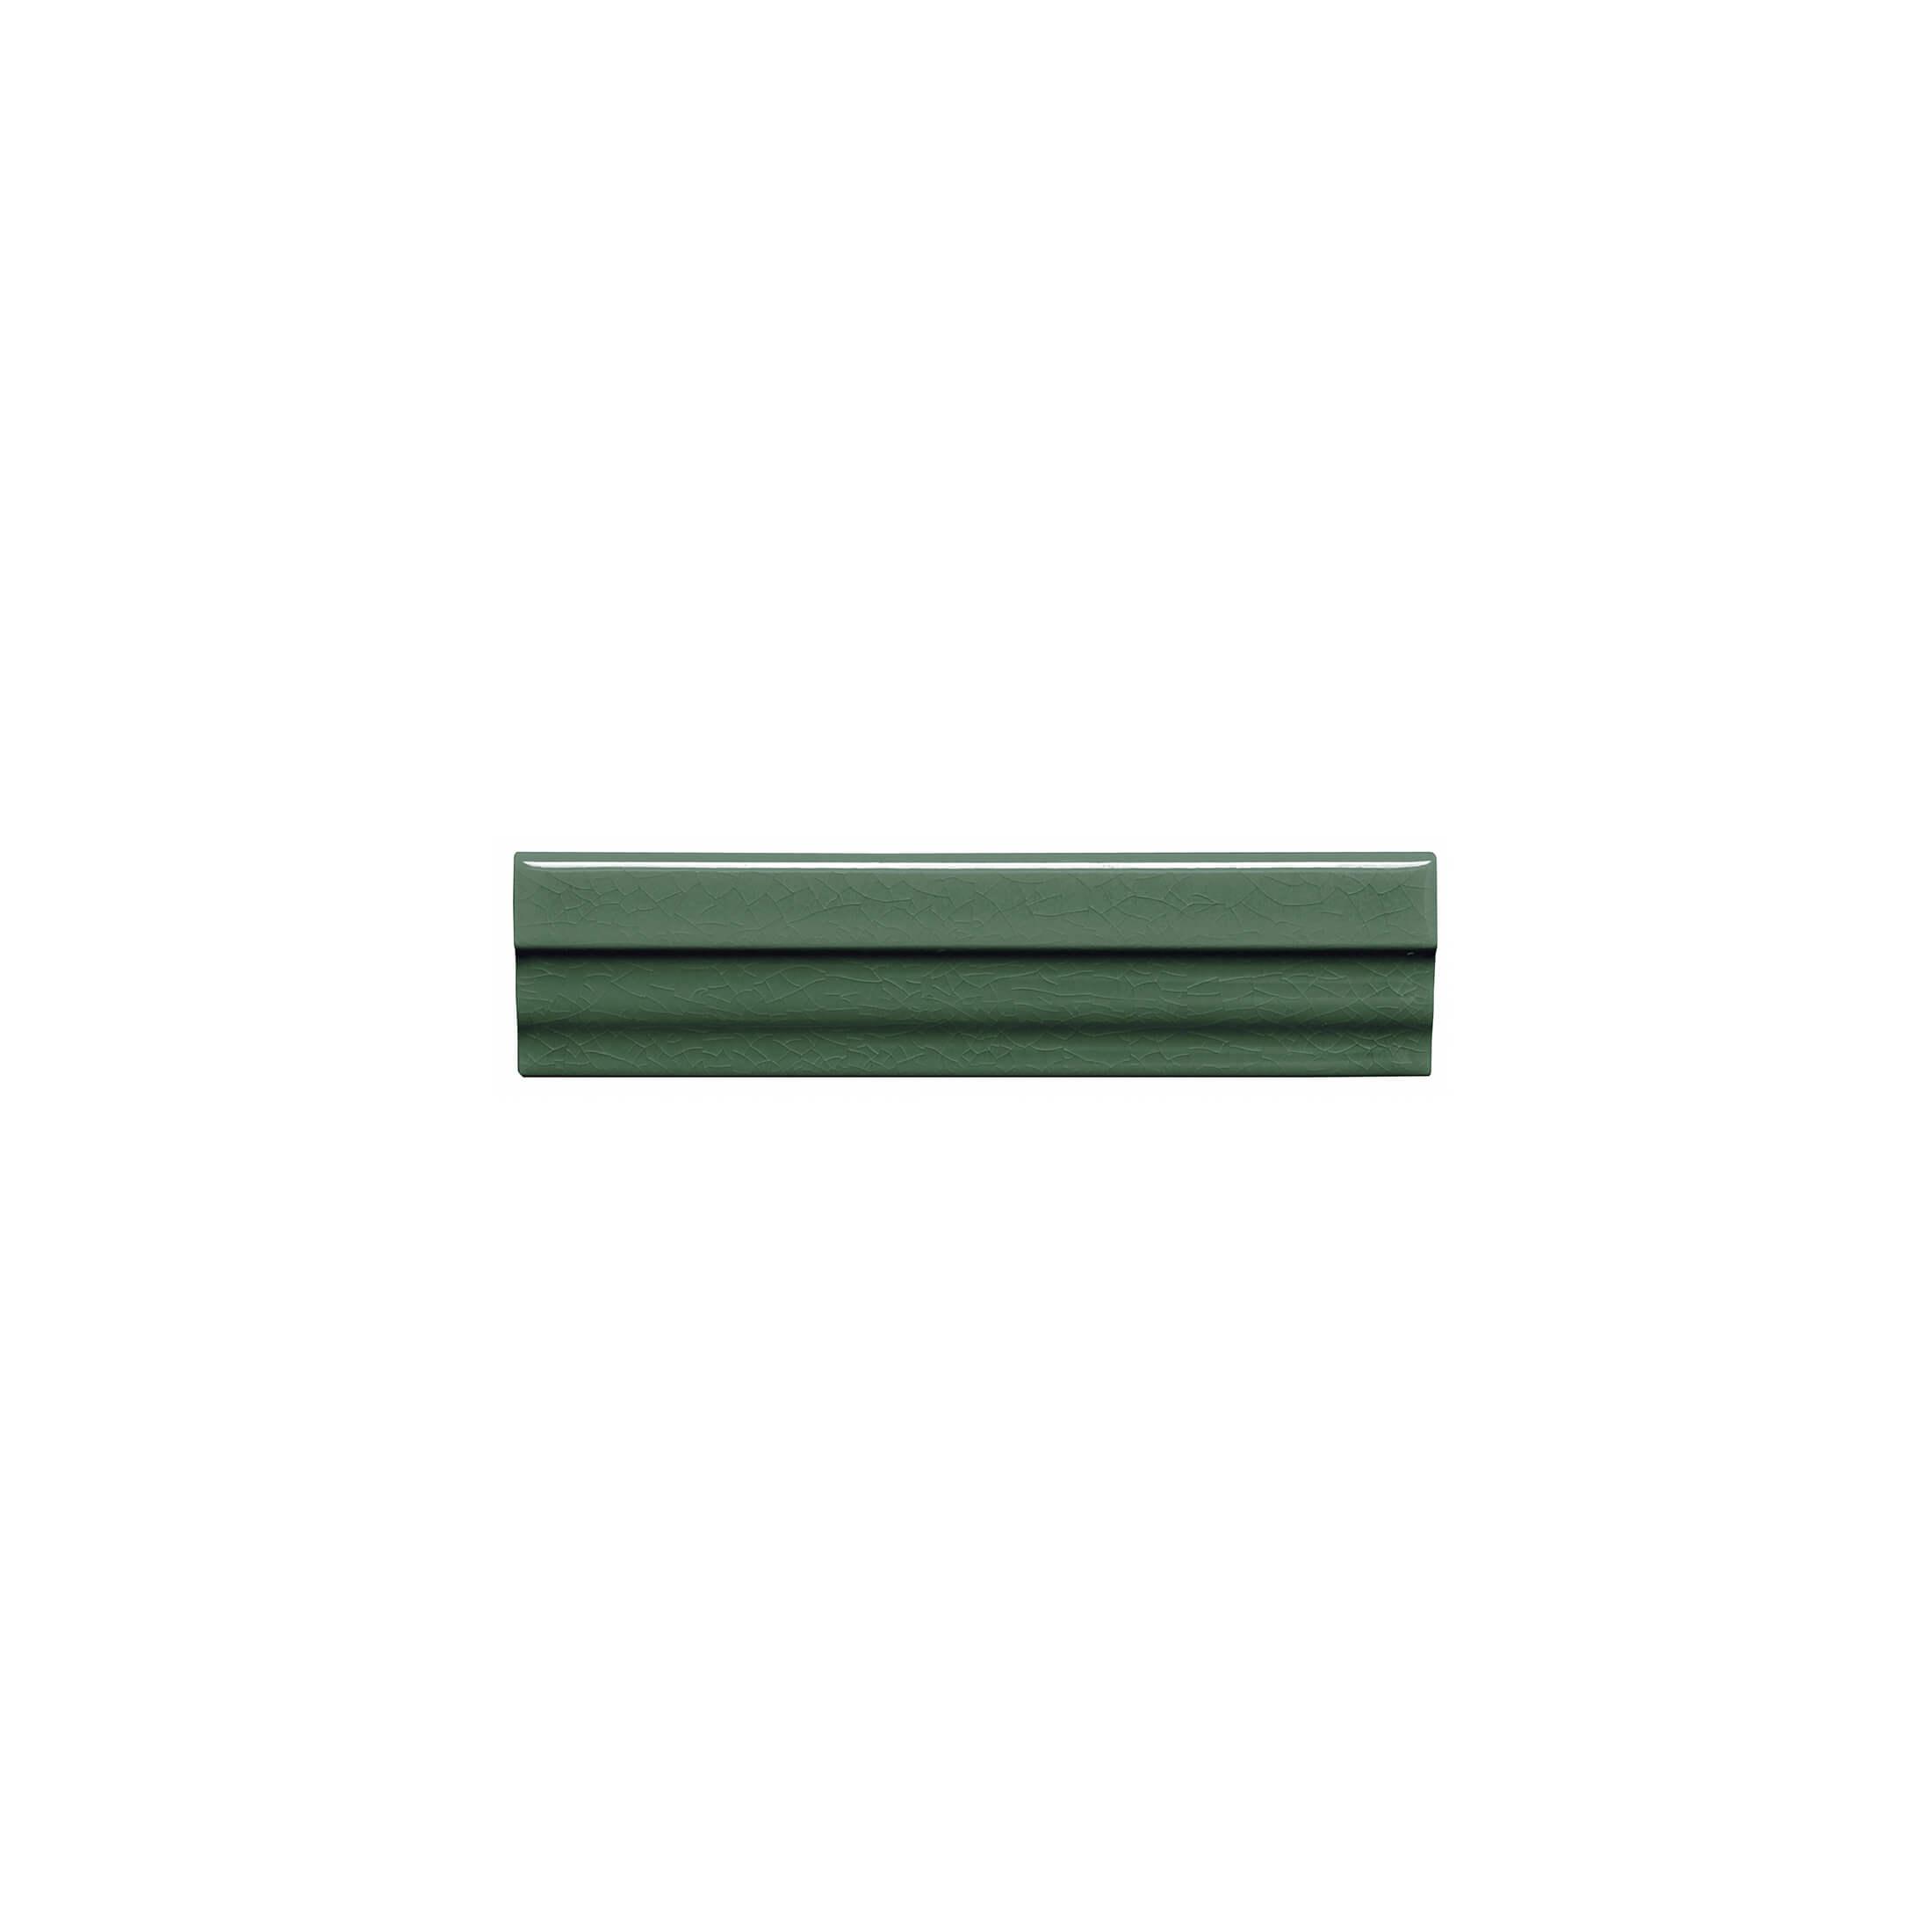 ADMO5223 - CORNISA CLASICA C/C - 3.5 cm X 15 cm